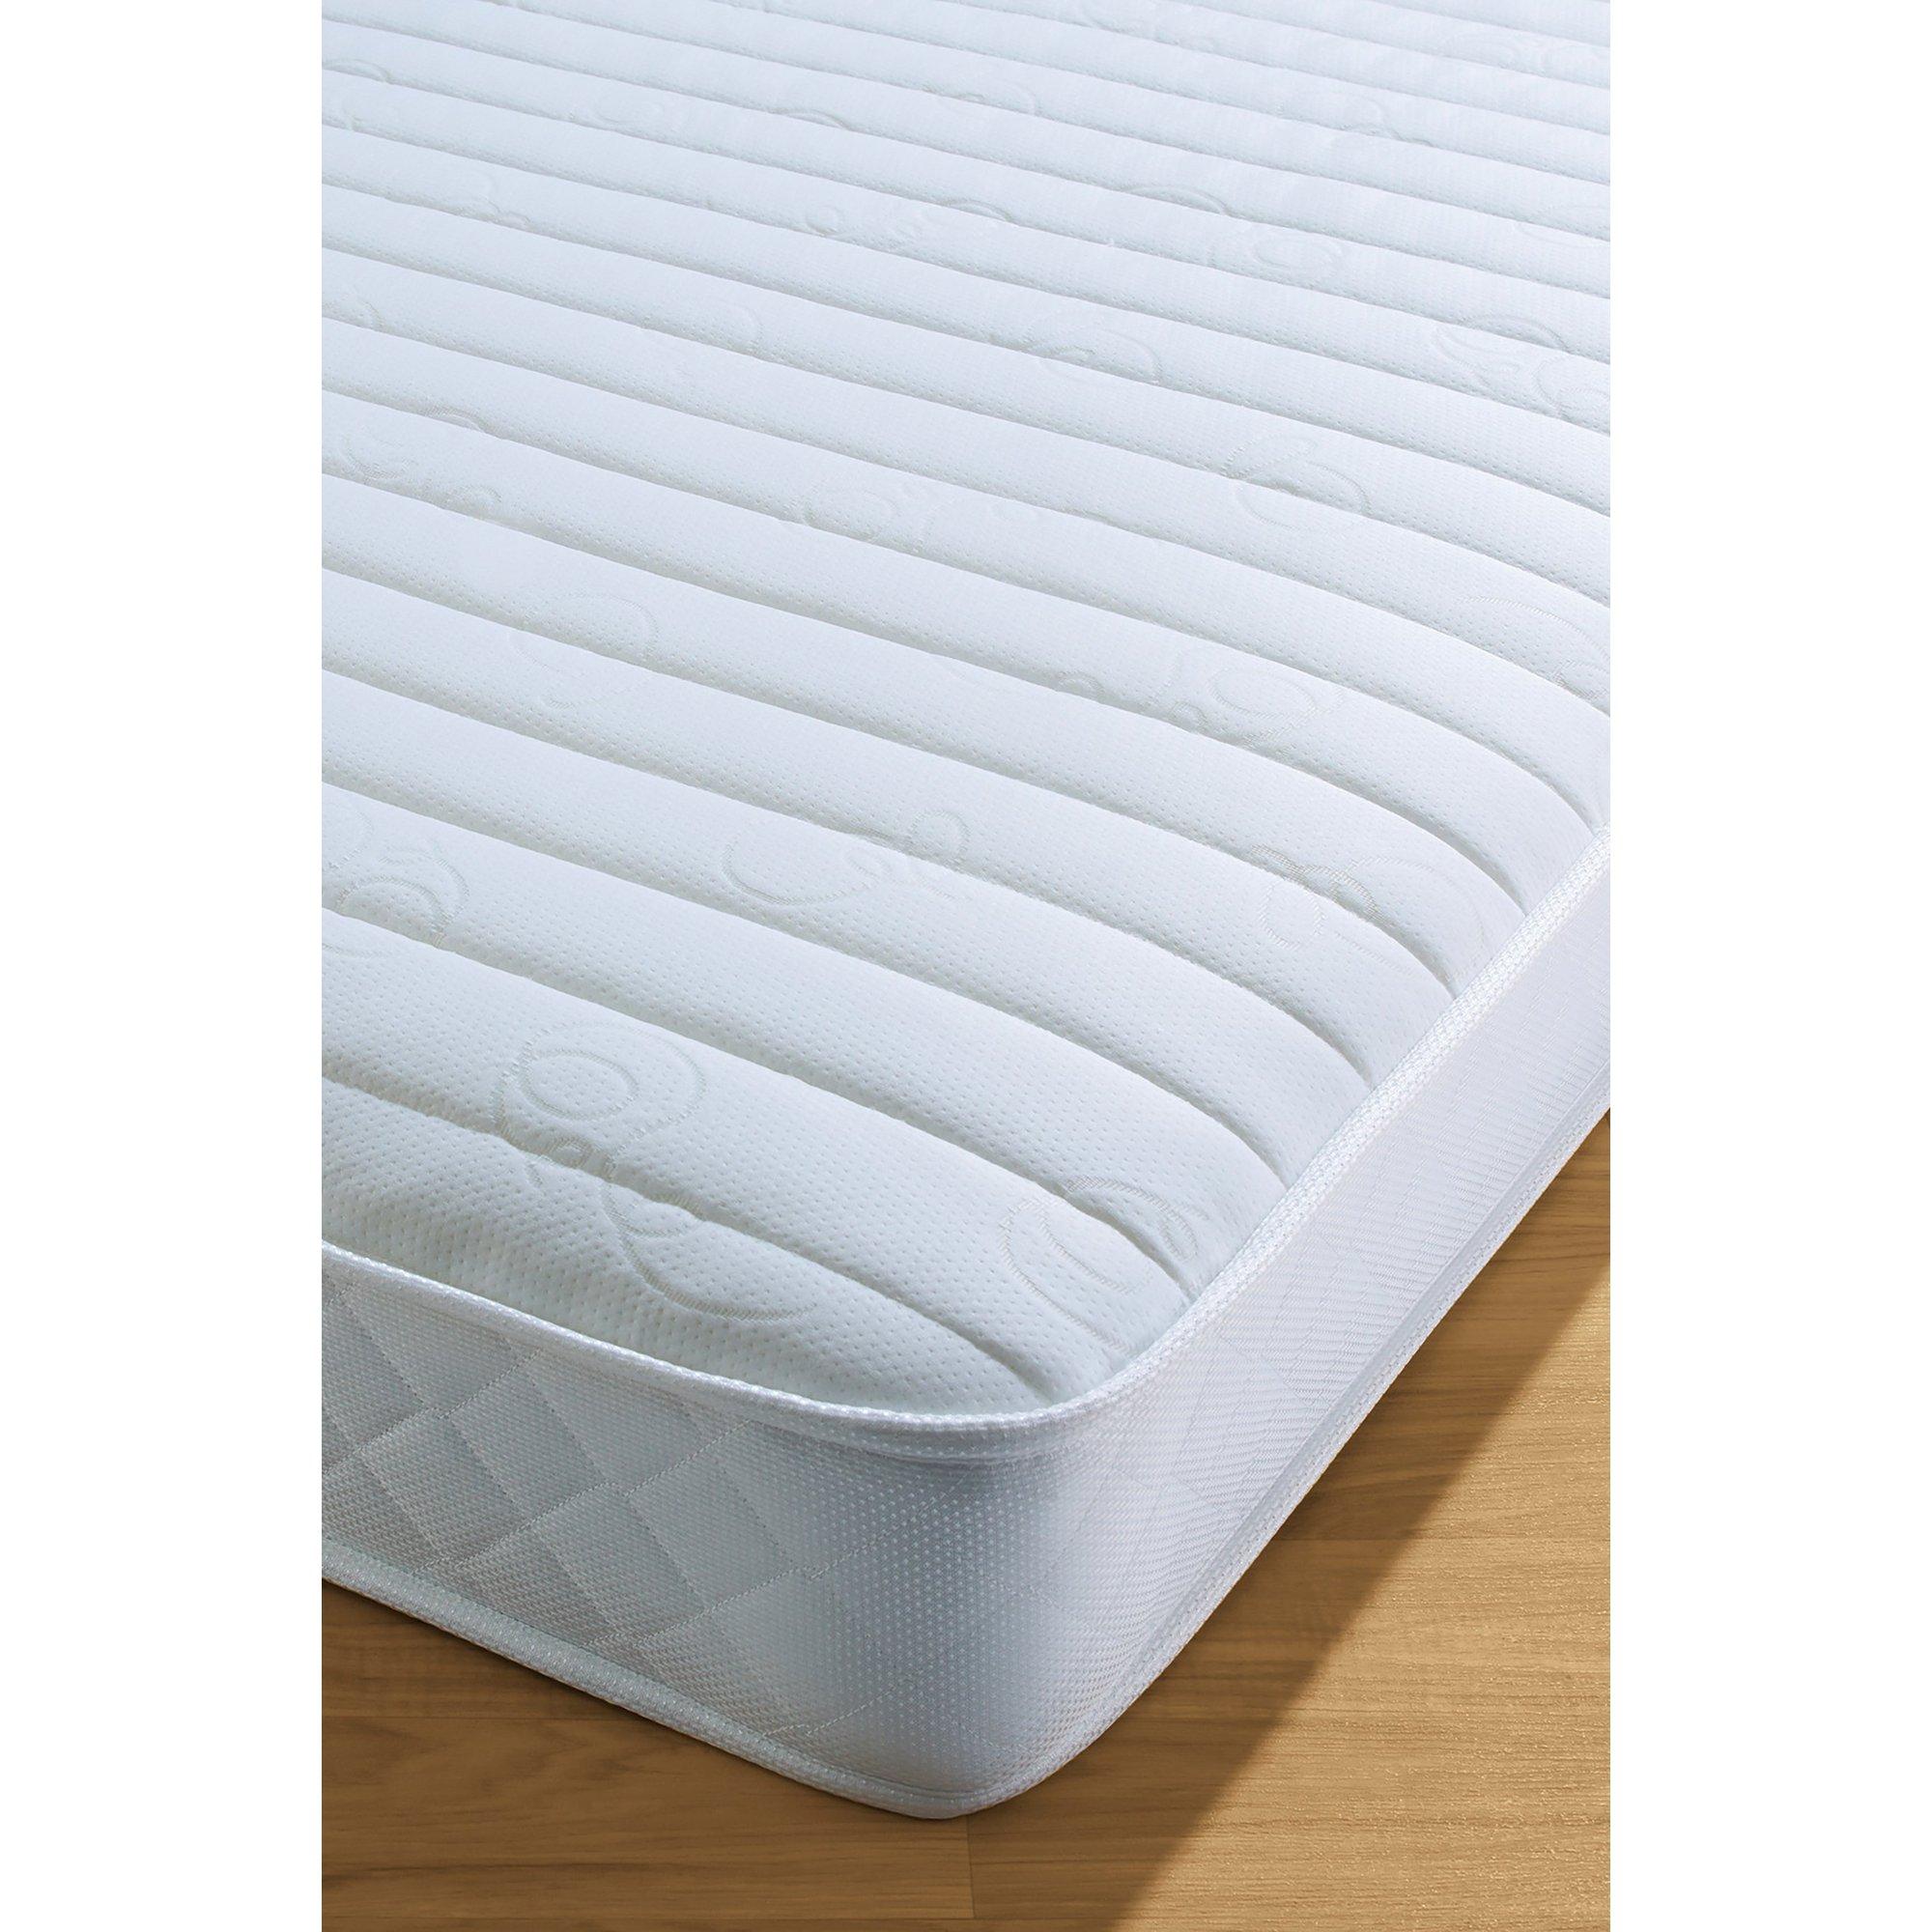 Image of Airsprung Comfort Mattress - Memory Foam